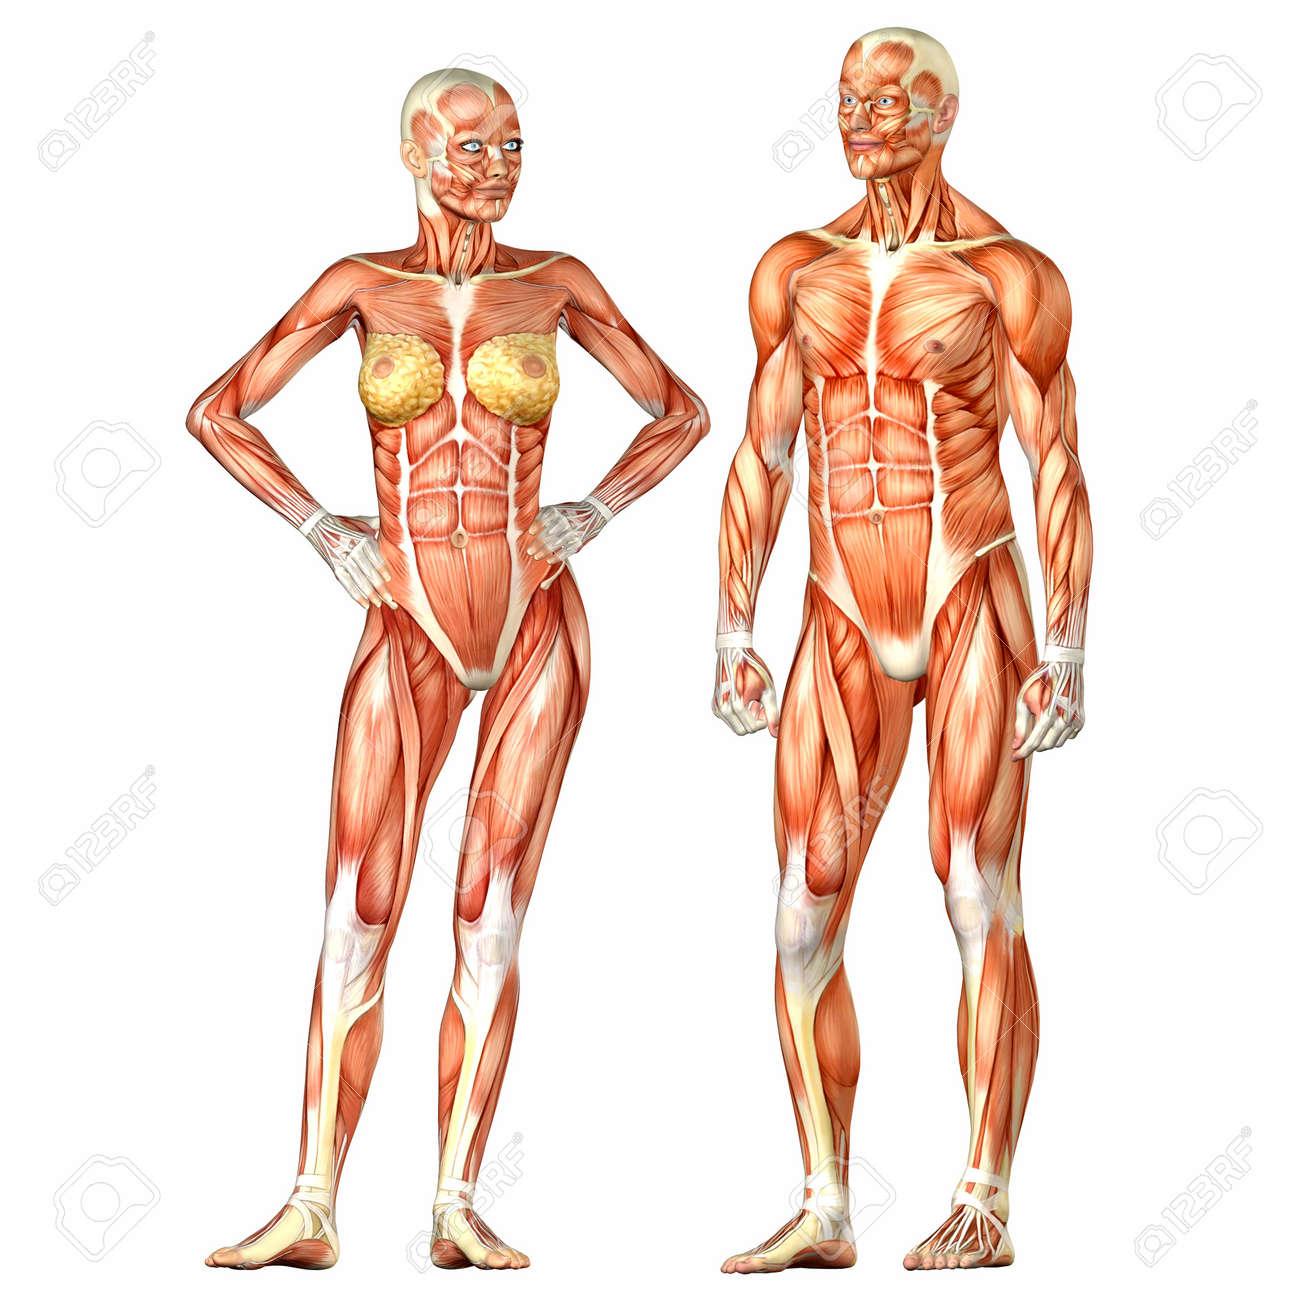 Anatomie De L Homme illustration d'un des personnages masculins et féminins anatomie de